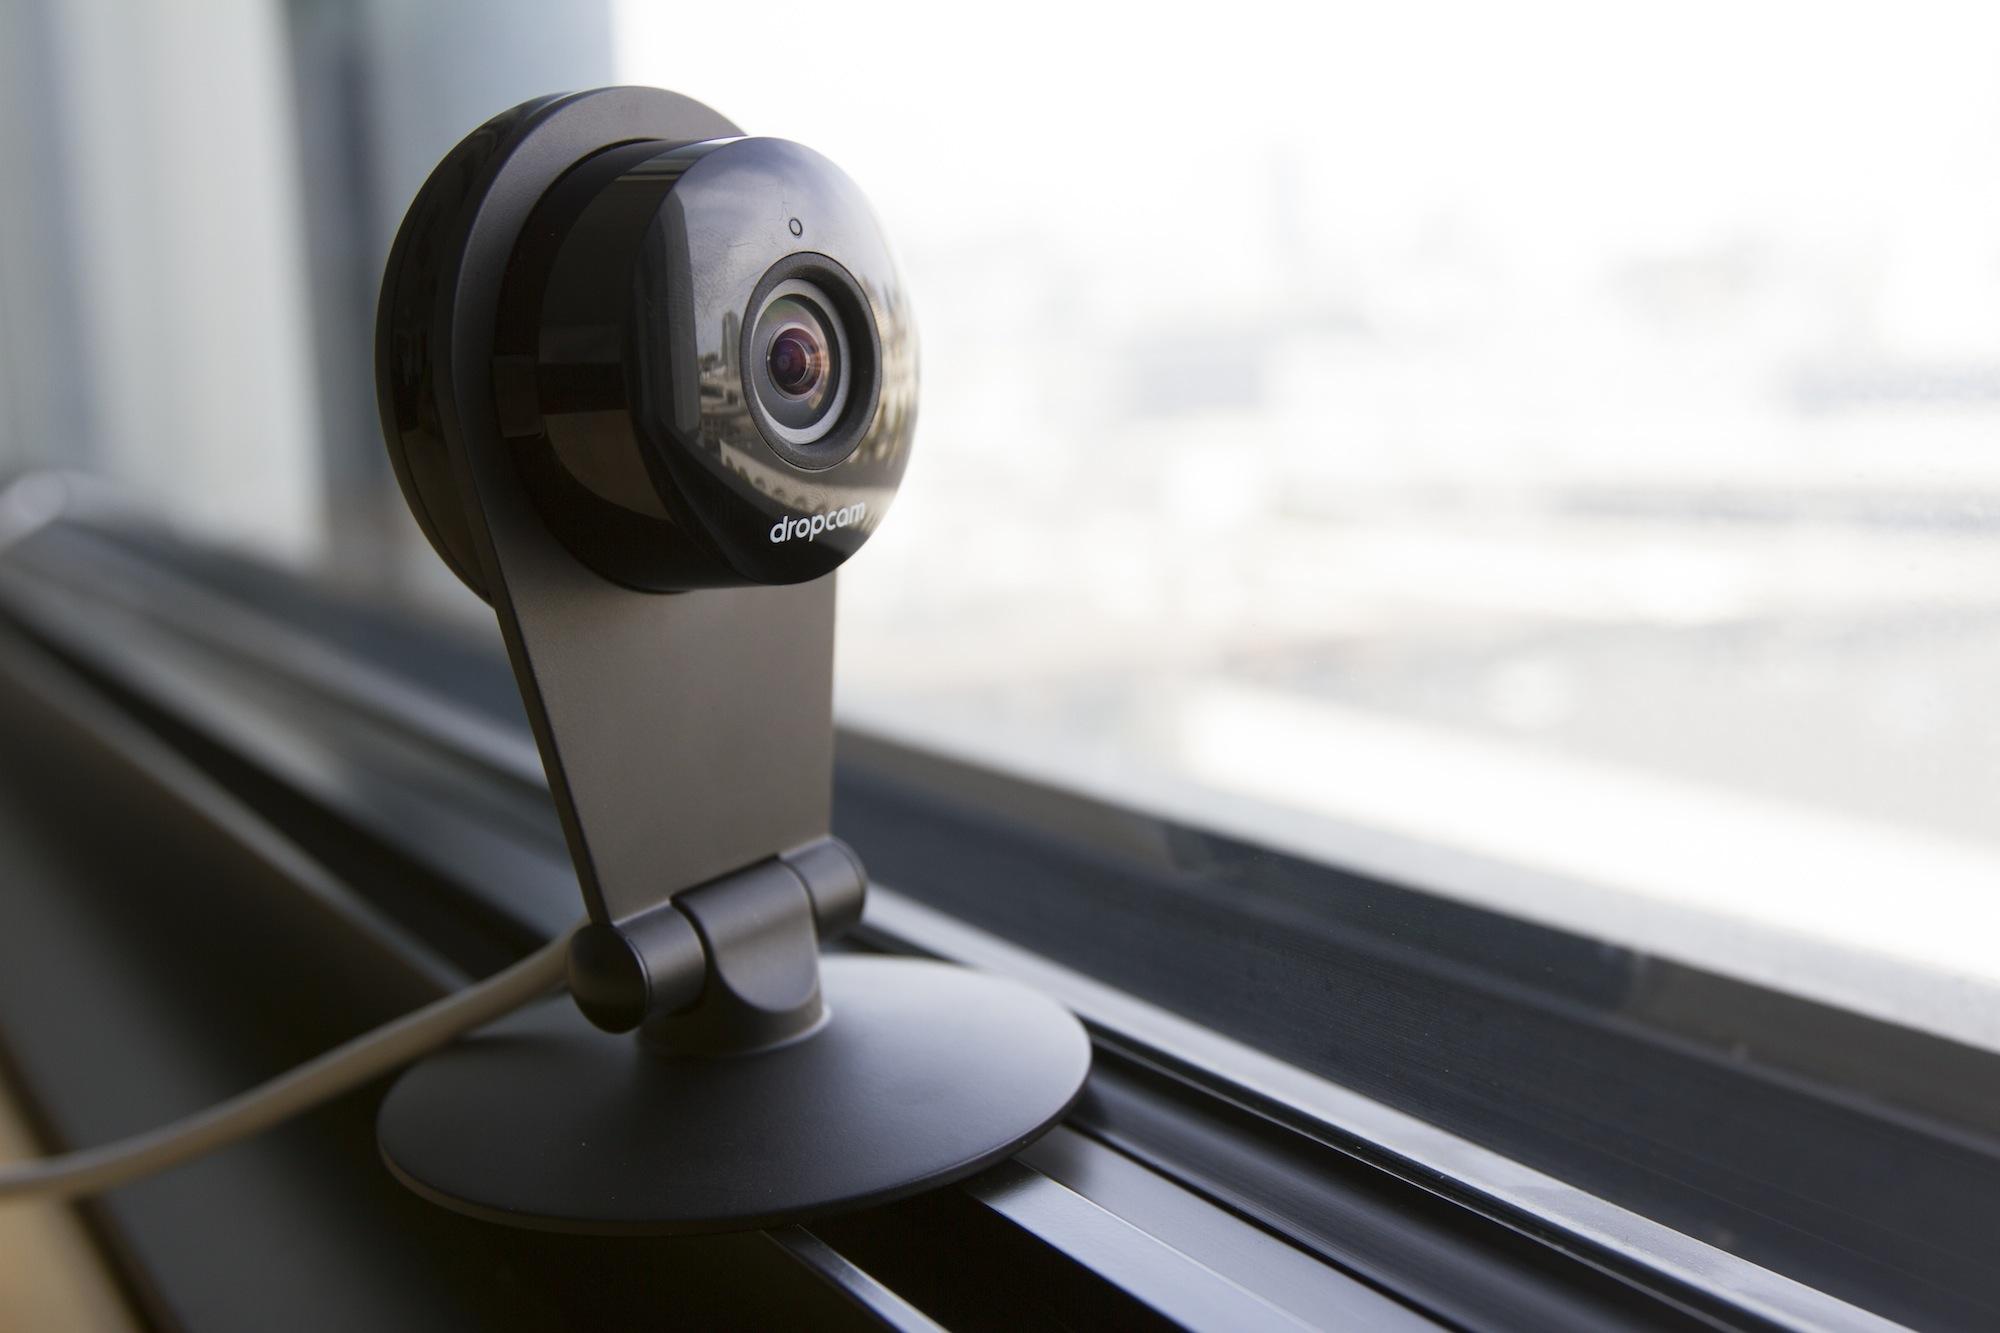 Злоумышленники могут отключить камеры наблюдения Nest Dropcam посредством Bluetooth-атаки